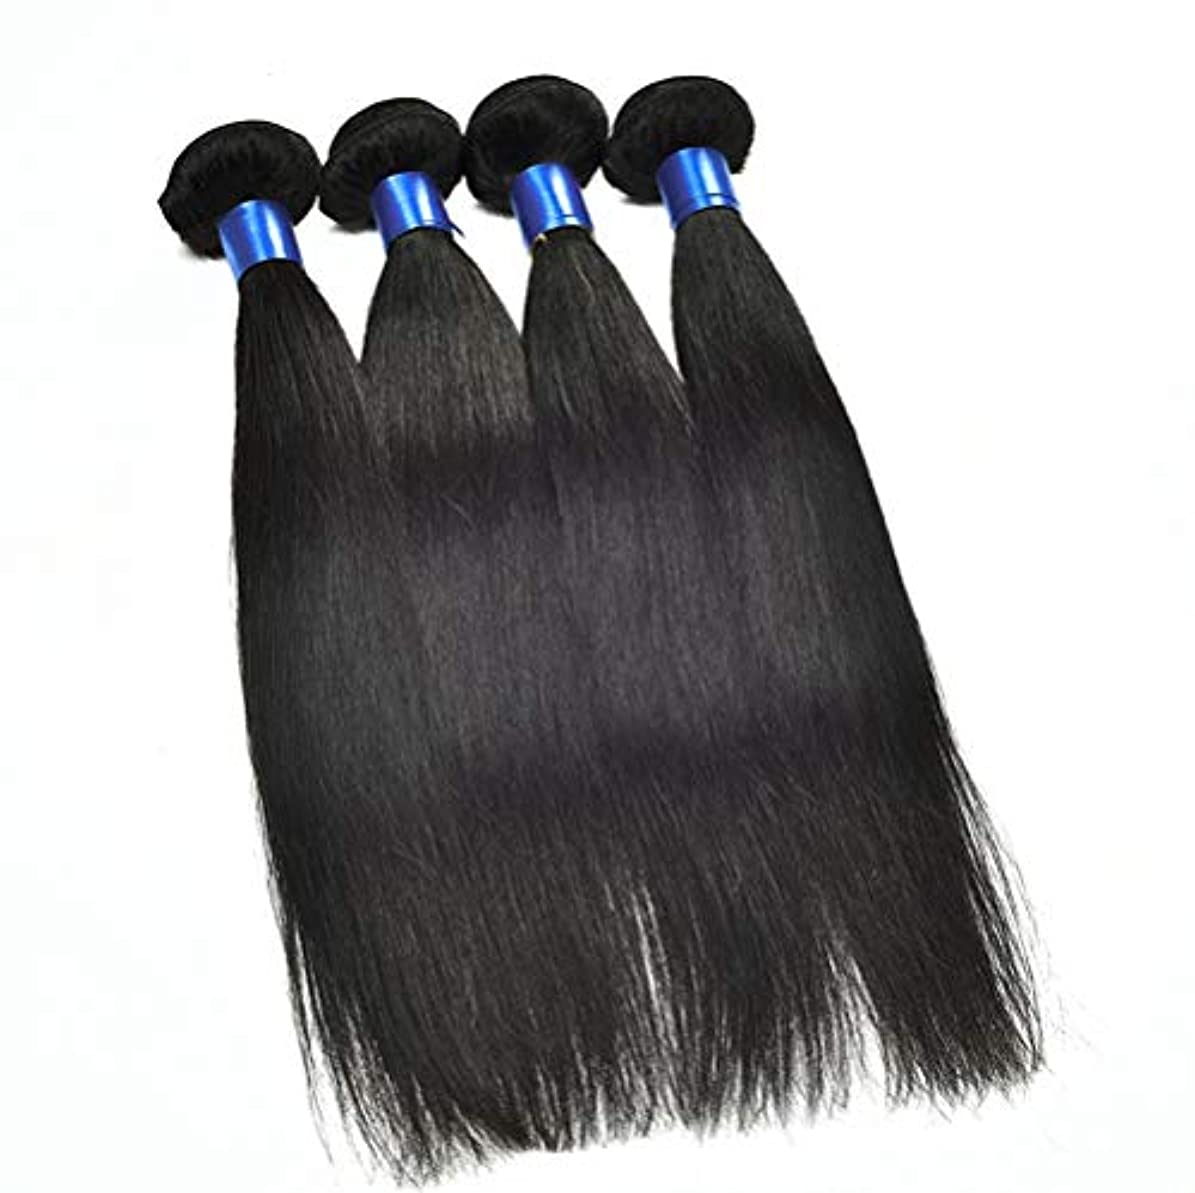 計算する束ねる間150%密度未処理ブラジル髪バンドルブラジルストレートヘア1バンドル8aストレート人間の髪の毛を編む女性の髪